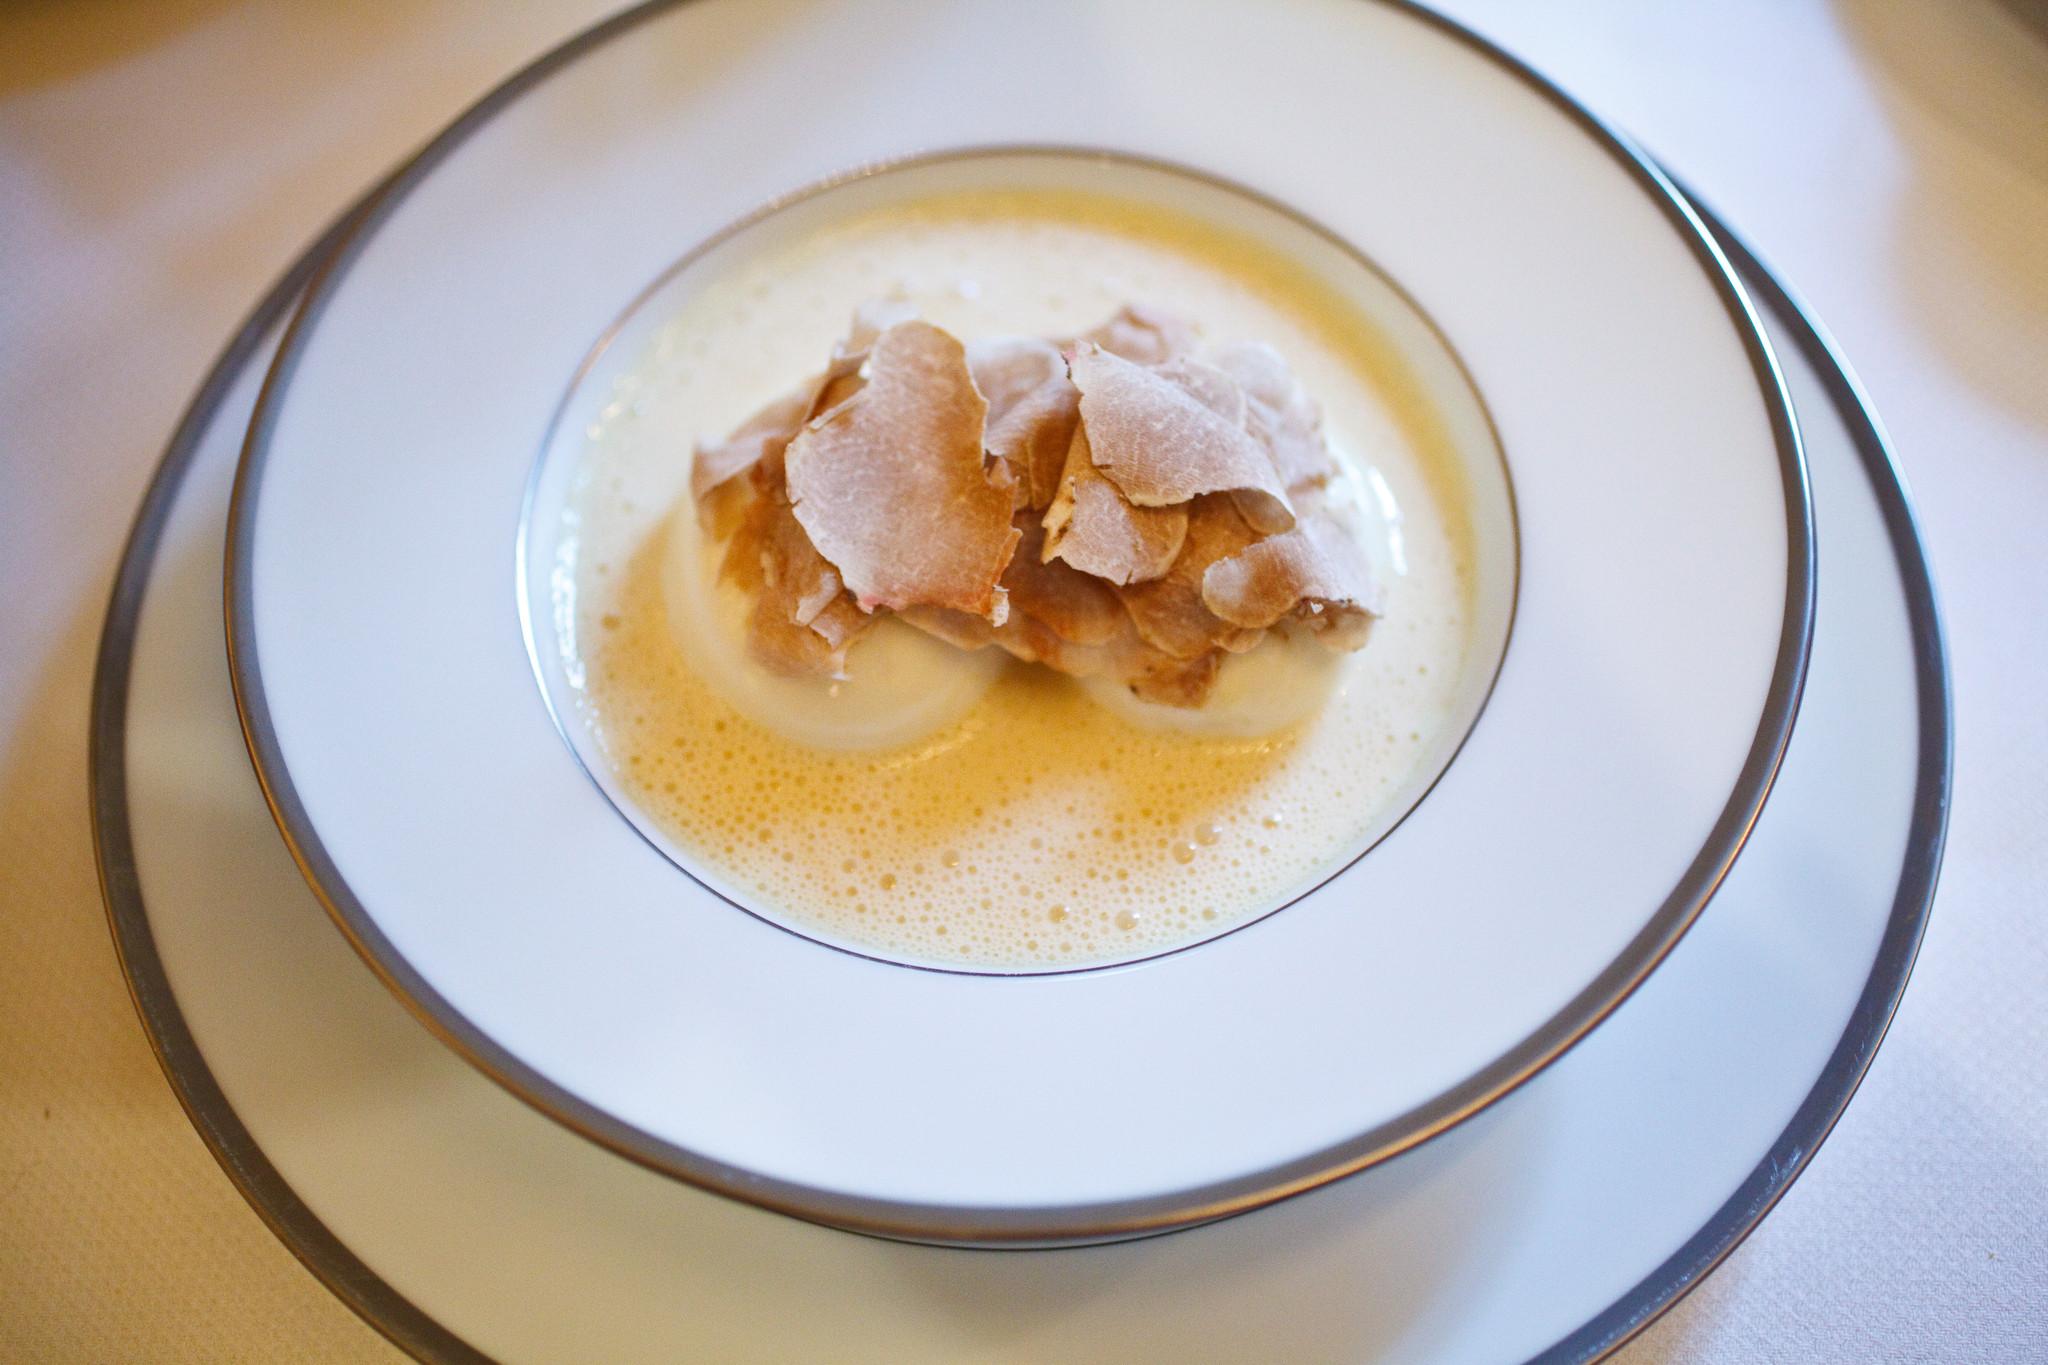 lAmbroisie-Oeufs-mollets-à-la-florentine-râpé-de-truffe-blanche-dAlba-overhead.jpg